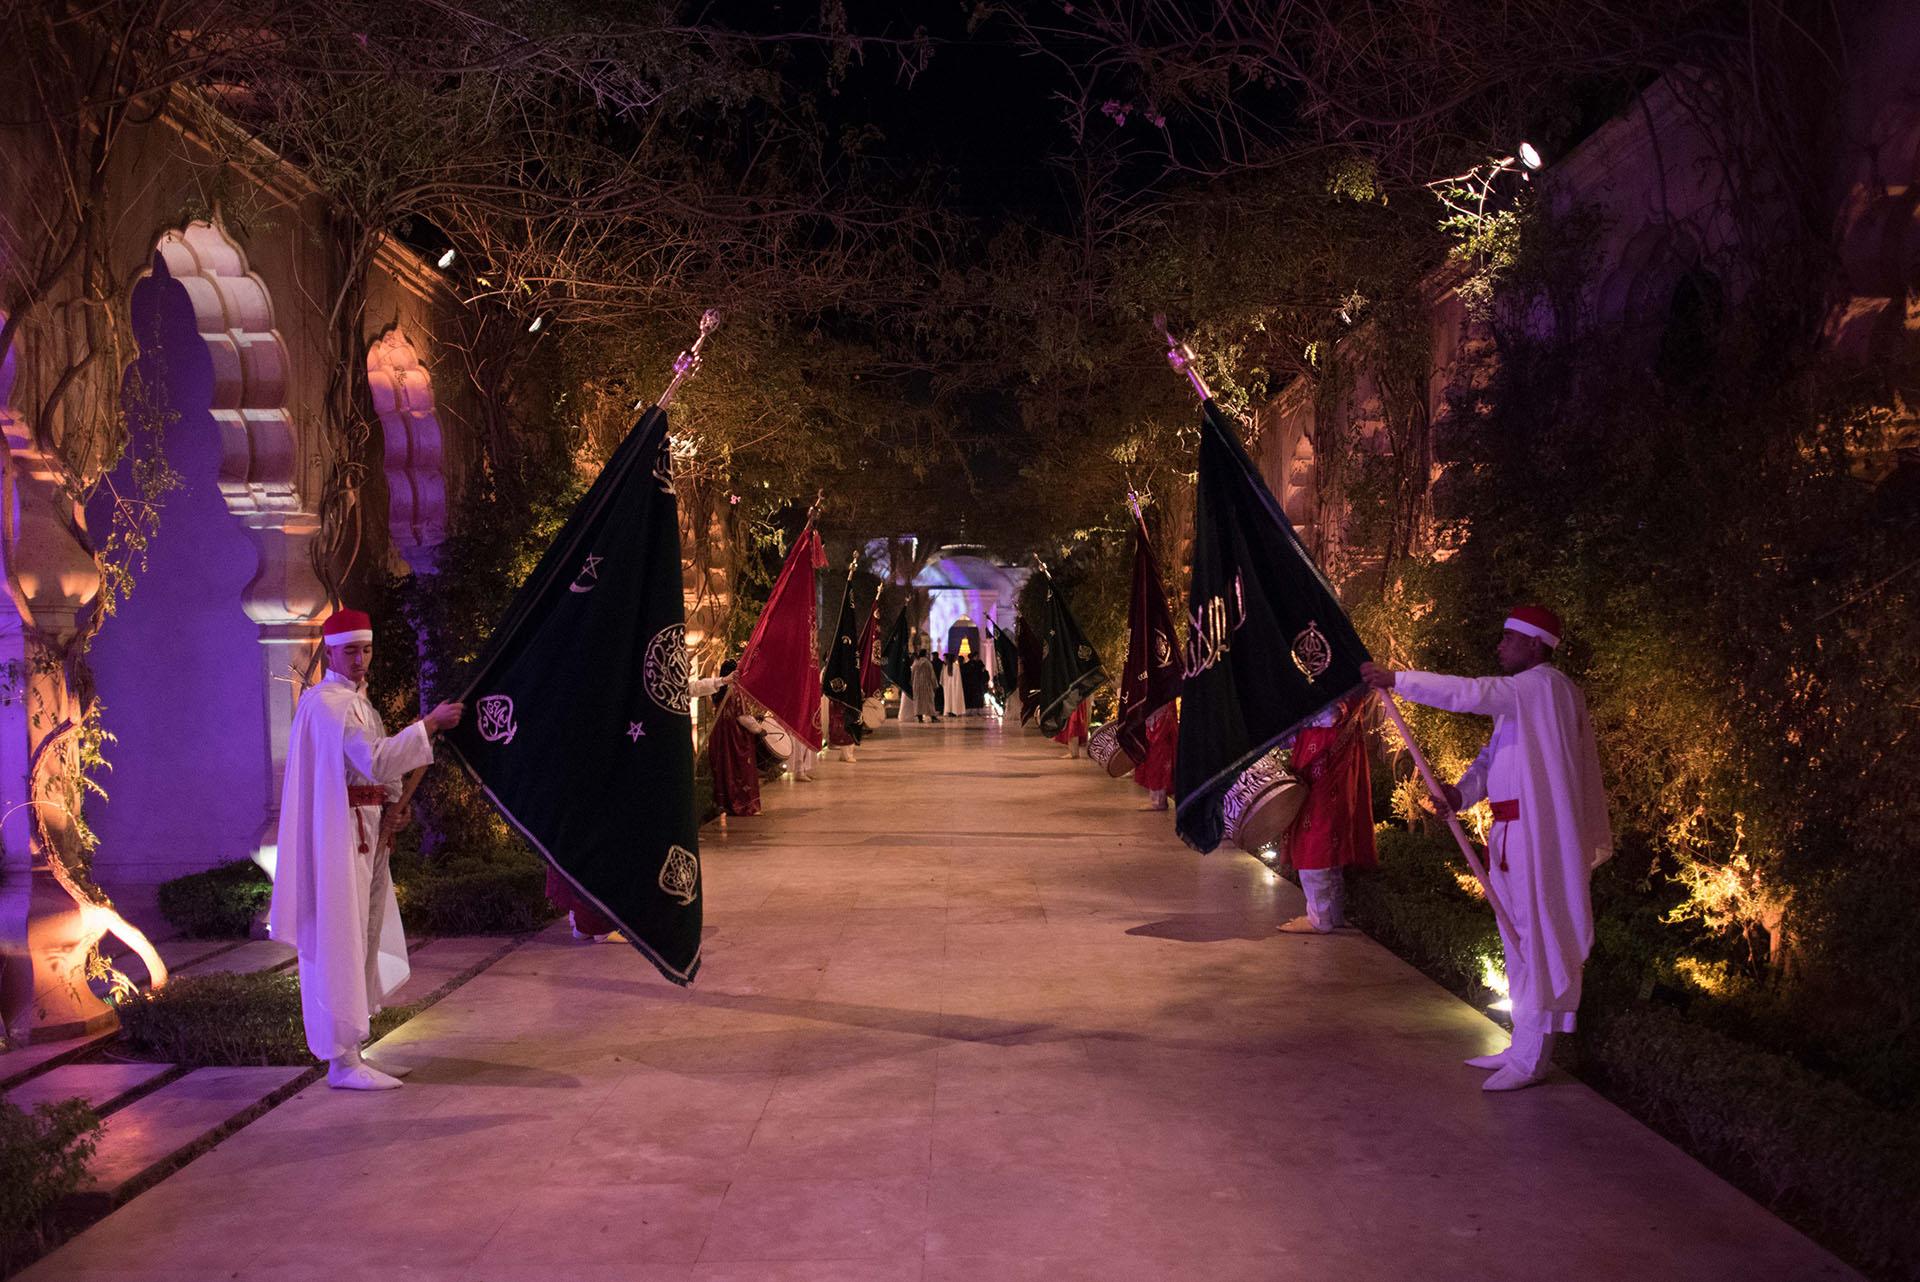 Túnicas exóticas, decoración alsuiva y shows con música coronaron la fiesta oriental